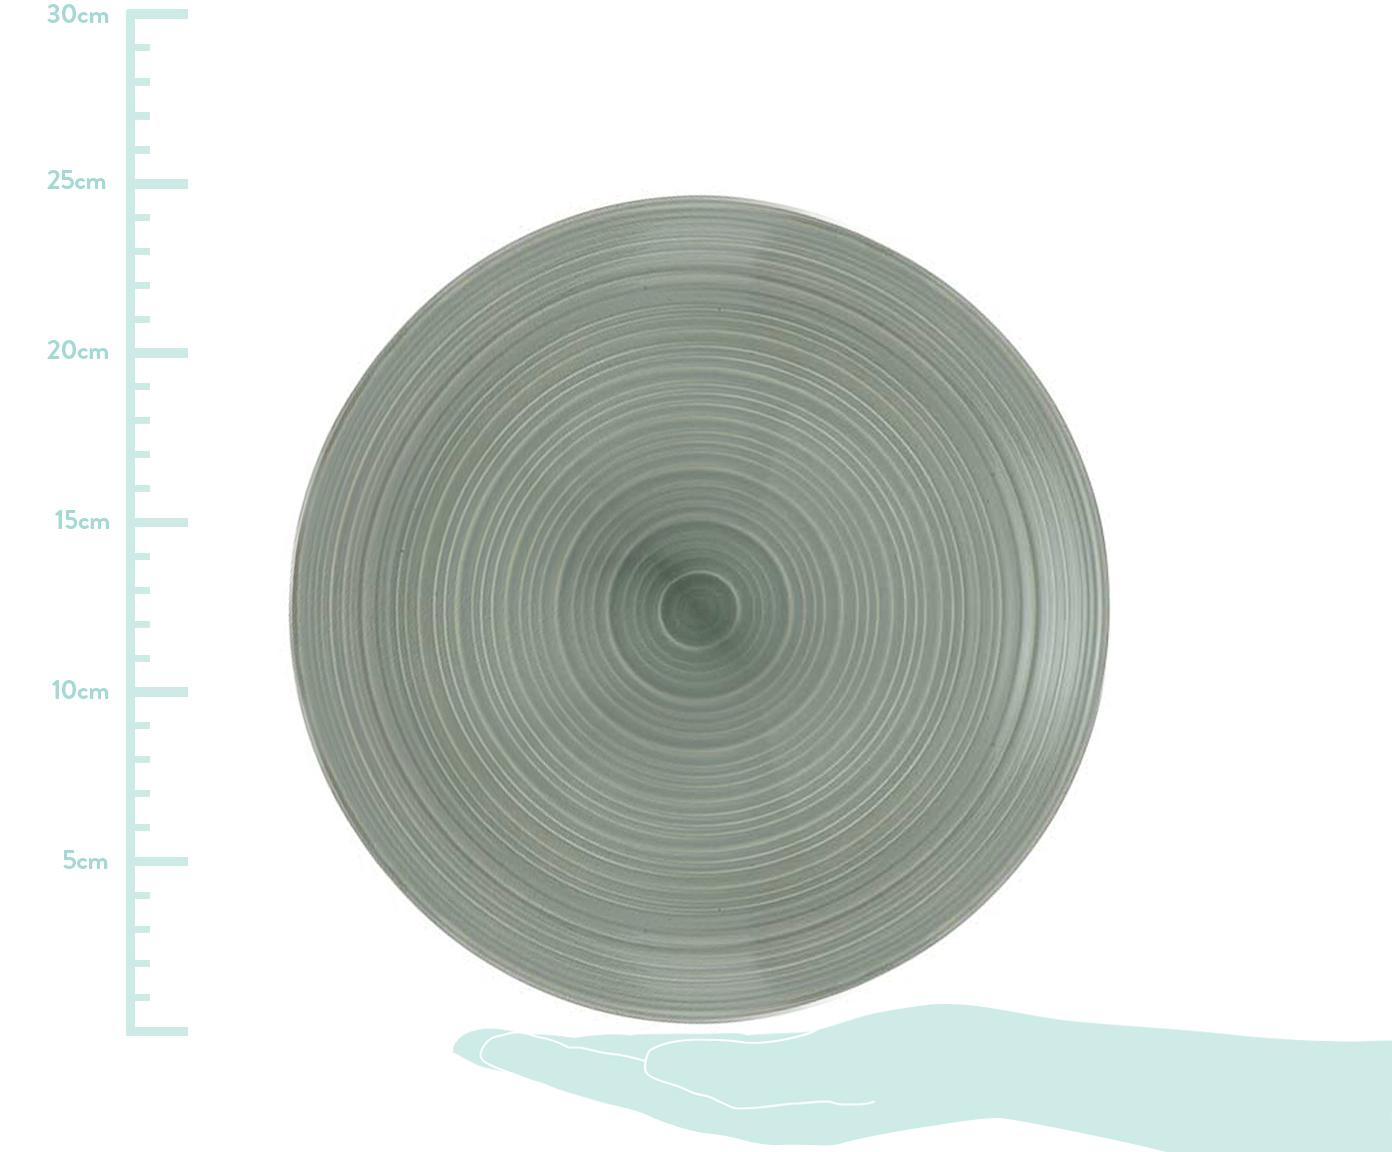 Komplet naczyń Darby, 12 elem., New Bone China, Zielony, złamana biel, Różne rozmiary